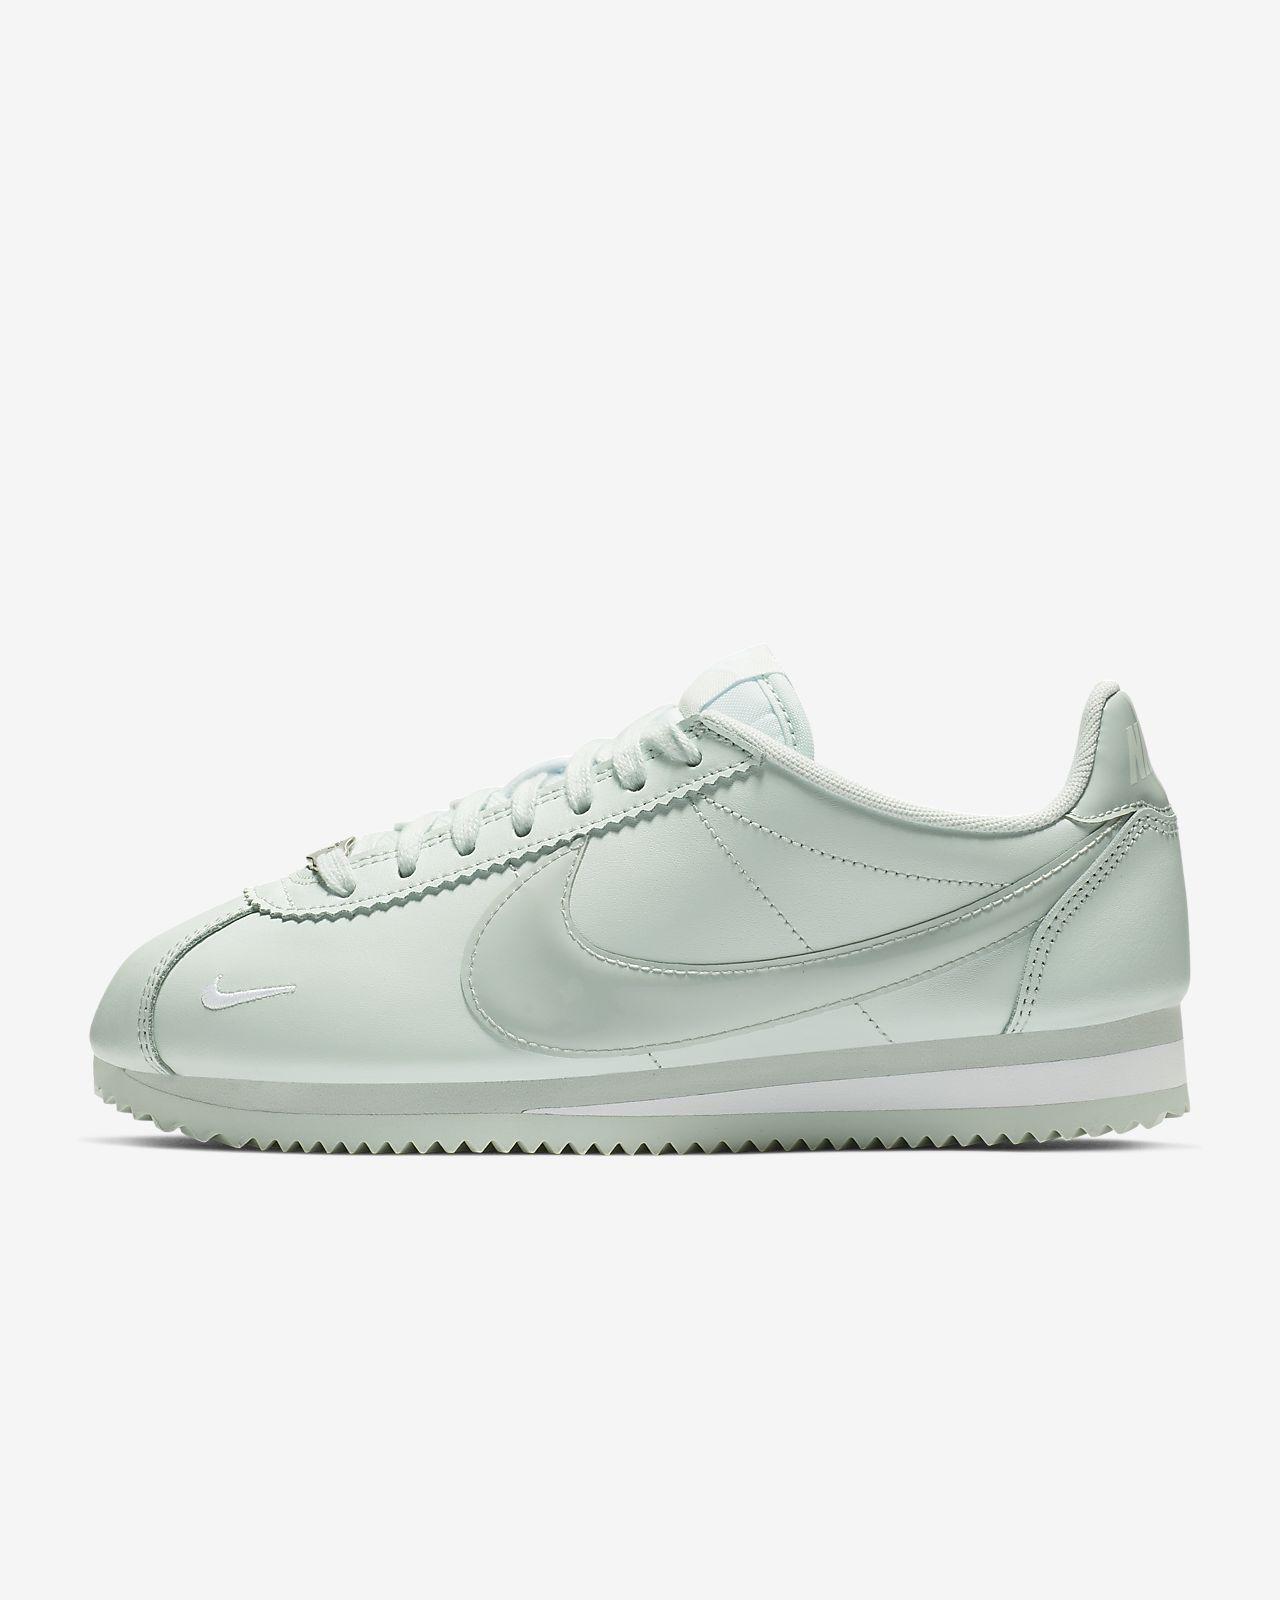 separation shoes 707fc 02d28 ... Chaussure Nike Classic Cortez Premium pour Femme